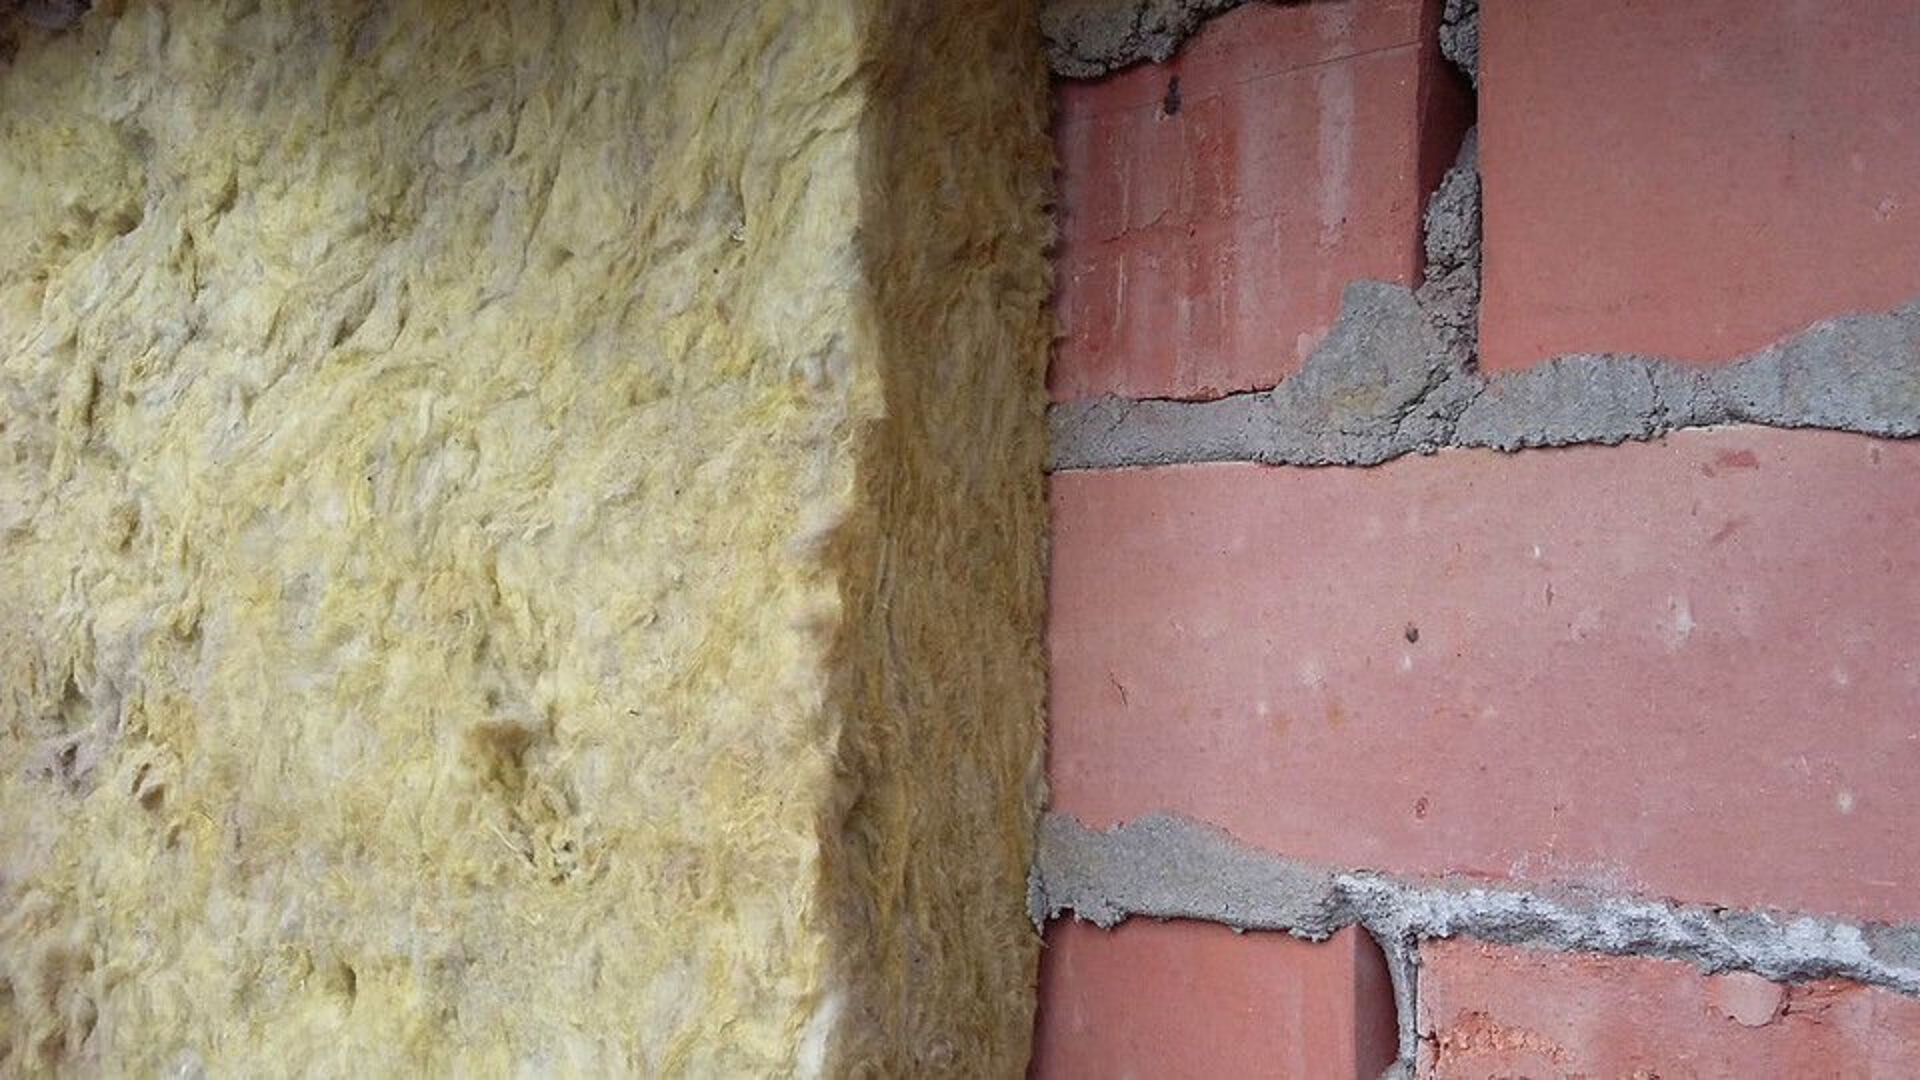 steenwol 35 jaar, spouwmuurisolatie, cavity wall insulation after 35 years